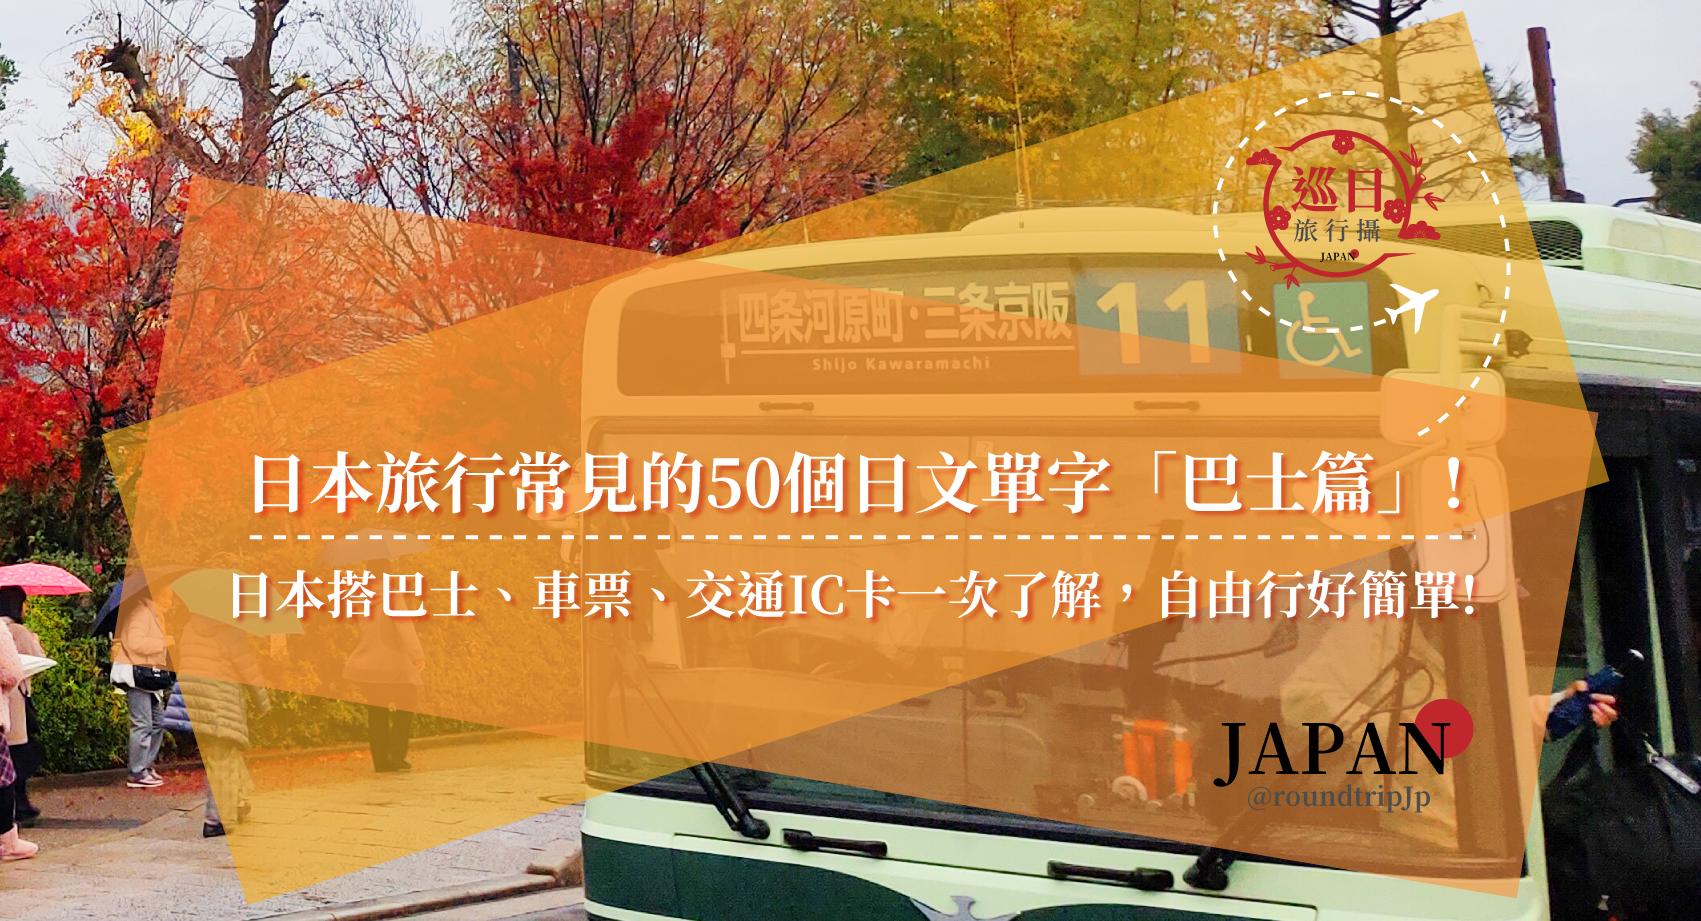 日本旅行常見的50個日文單字「巴士篇」!日本搭巴士、車票、交通IC卡一次了解,自由行好簡單! | 日本巴士單字 | 巡日旅行攝 | RoundtripJp